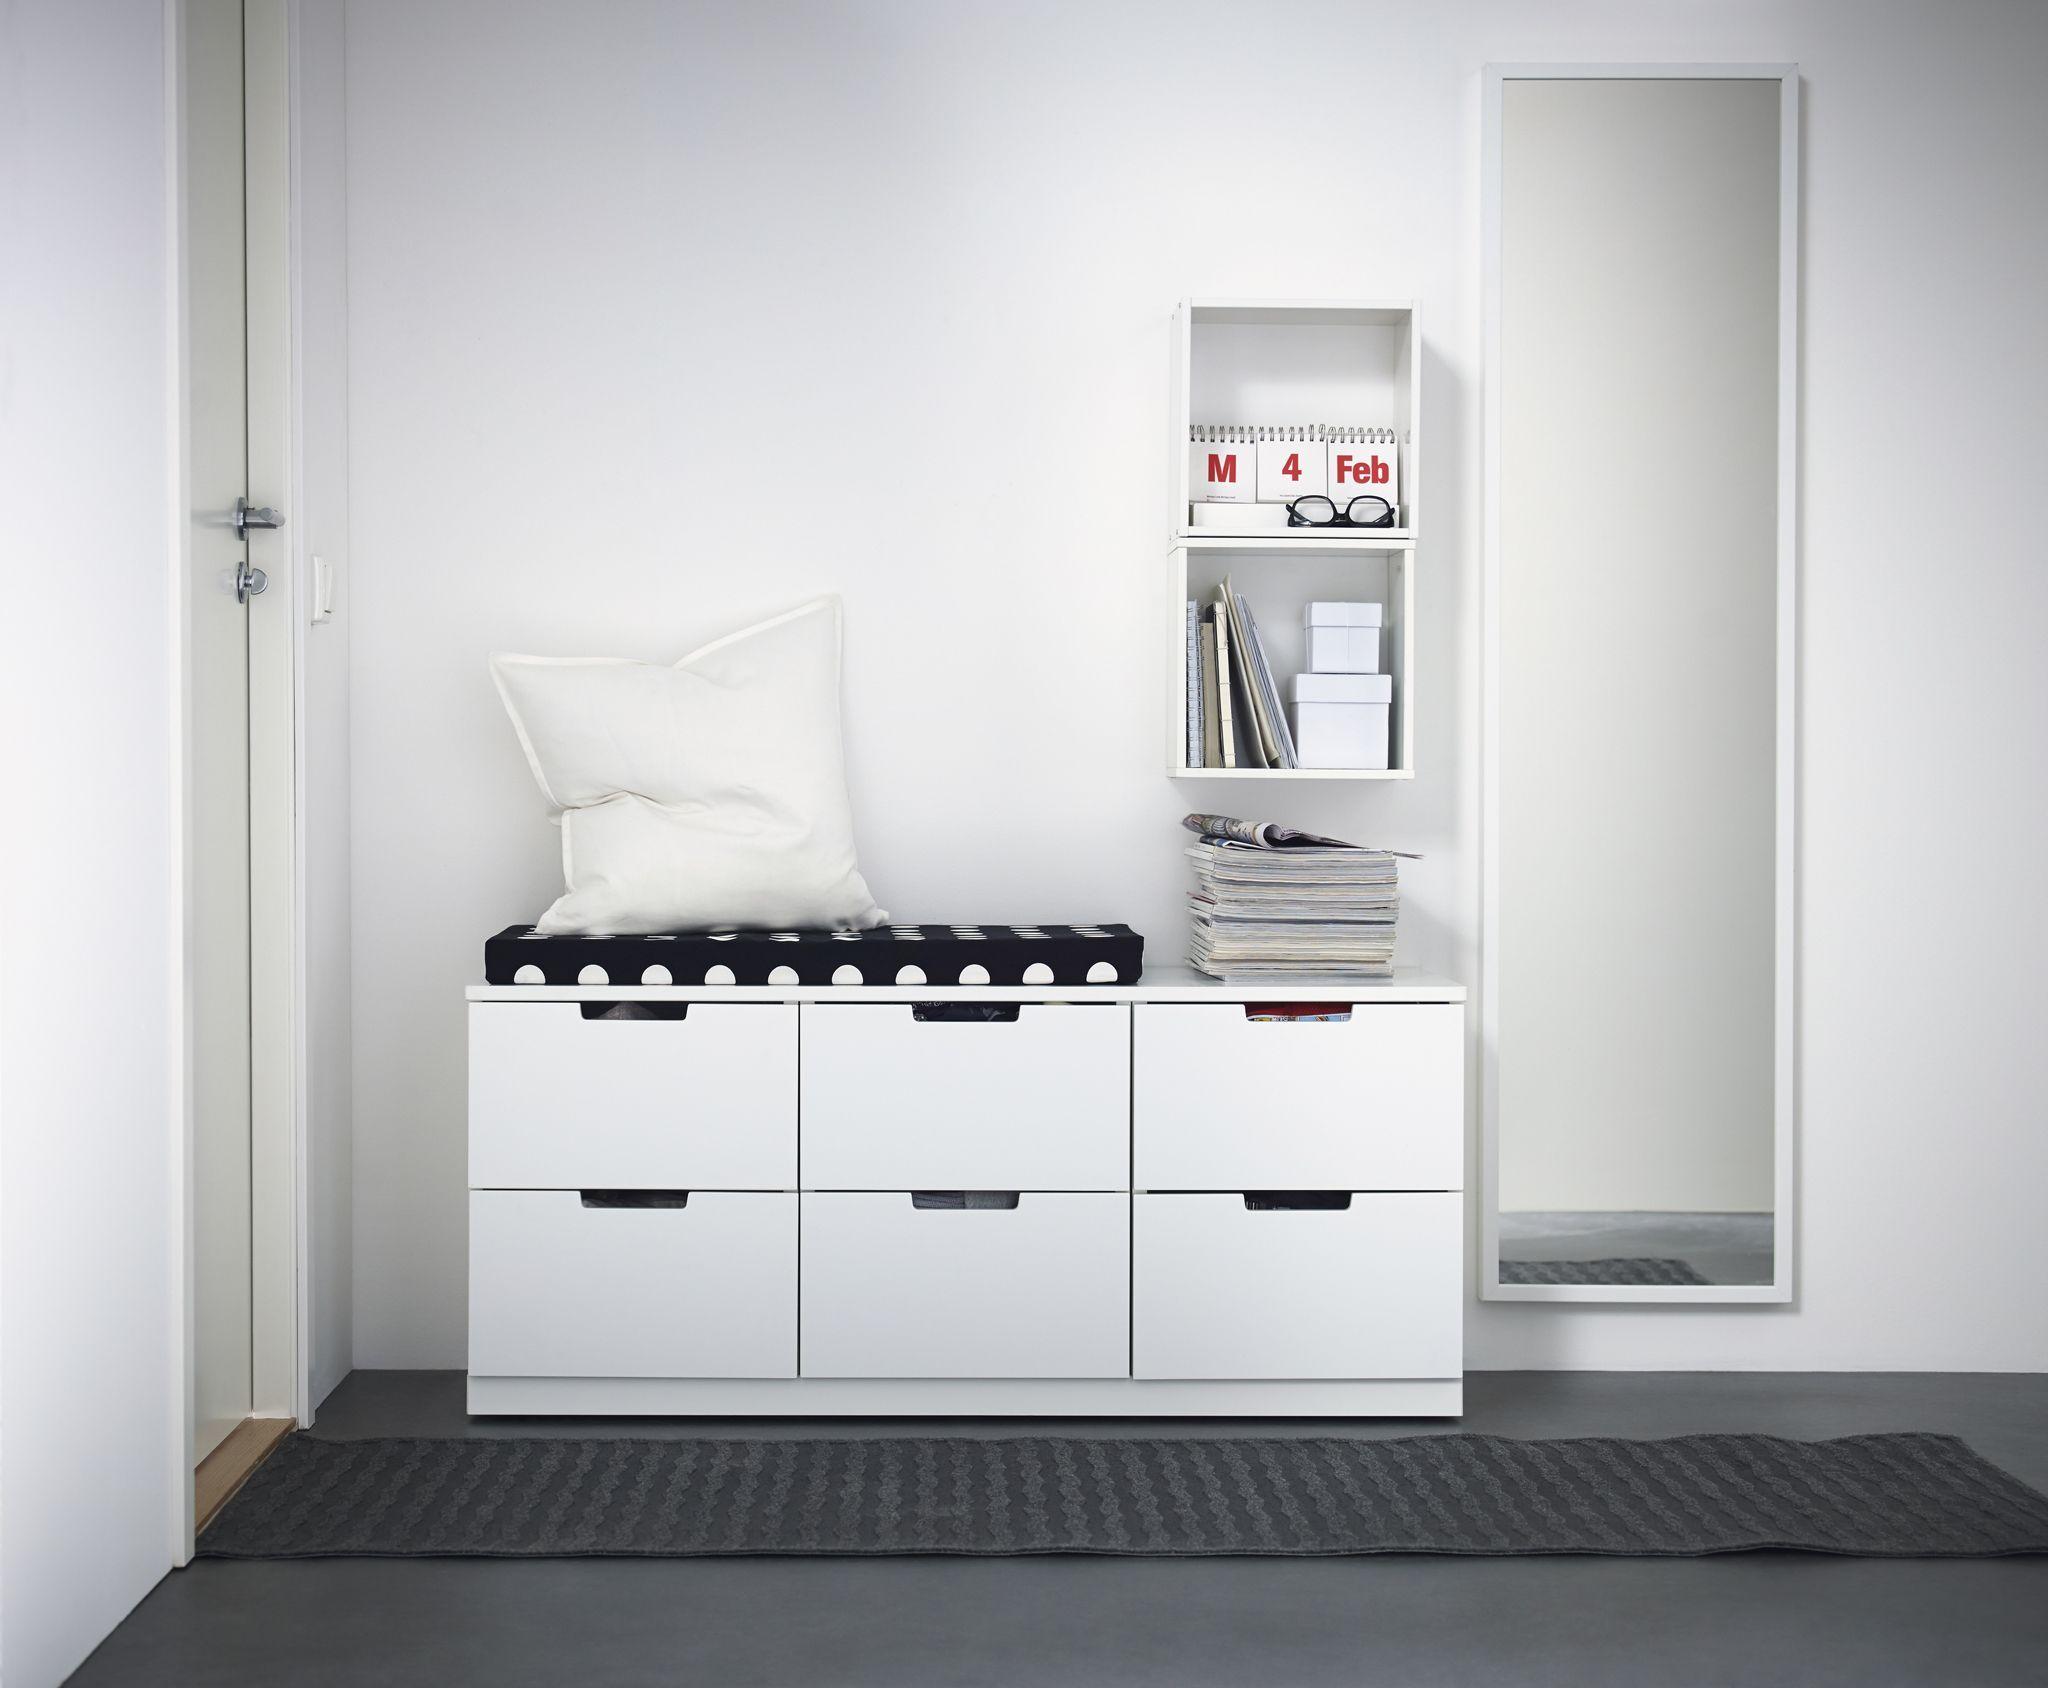 nouvelle collection ikea 2015 : des meubles modernes dans l'entrée